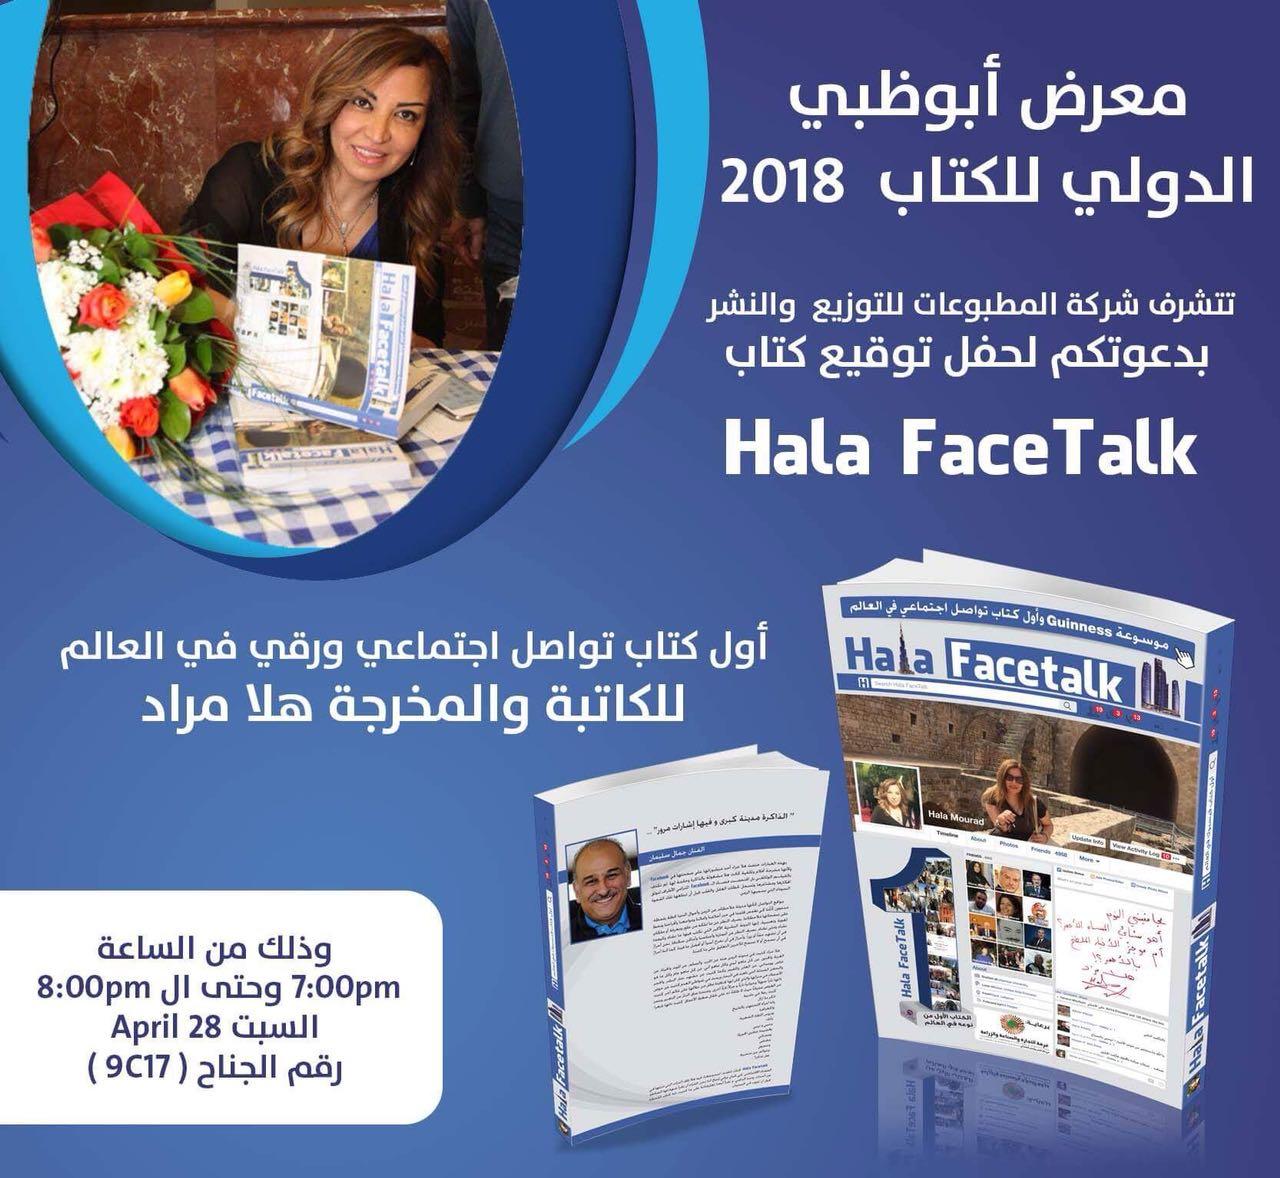 صورة الكاتبة هلا مراد في معرض أبوظبي الدولي